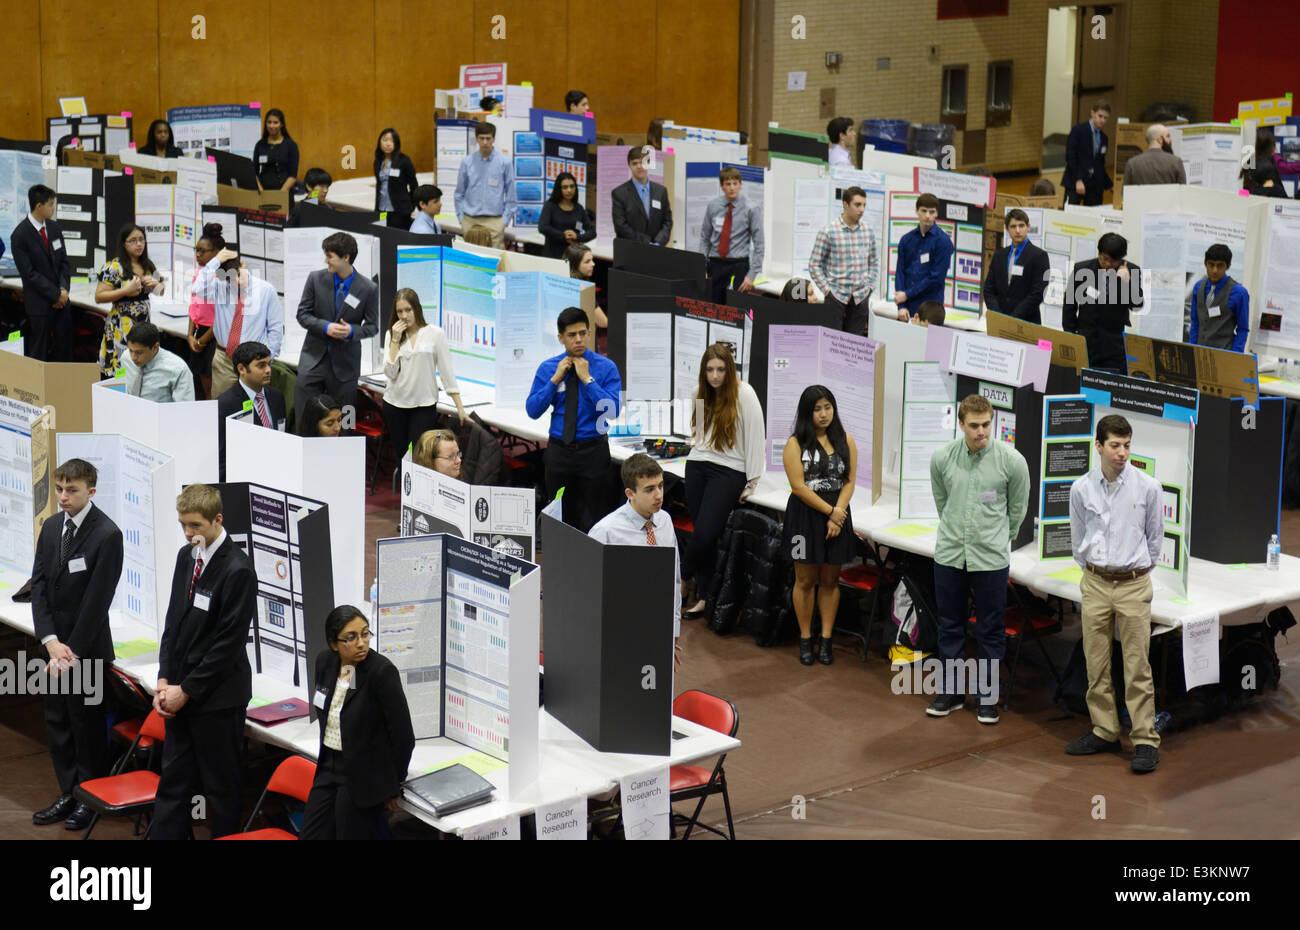 Feria de Ciencias estudiantes esperando por sus investigaciones de carteles para ser juzgados Imagen De Stock